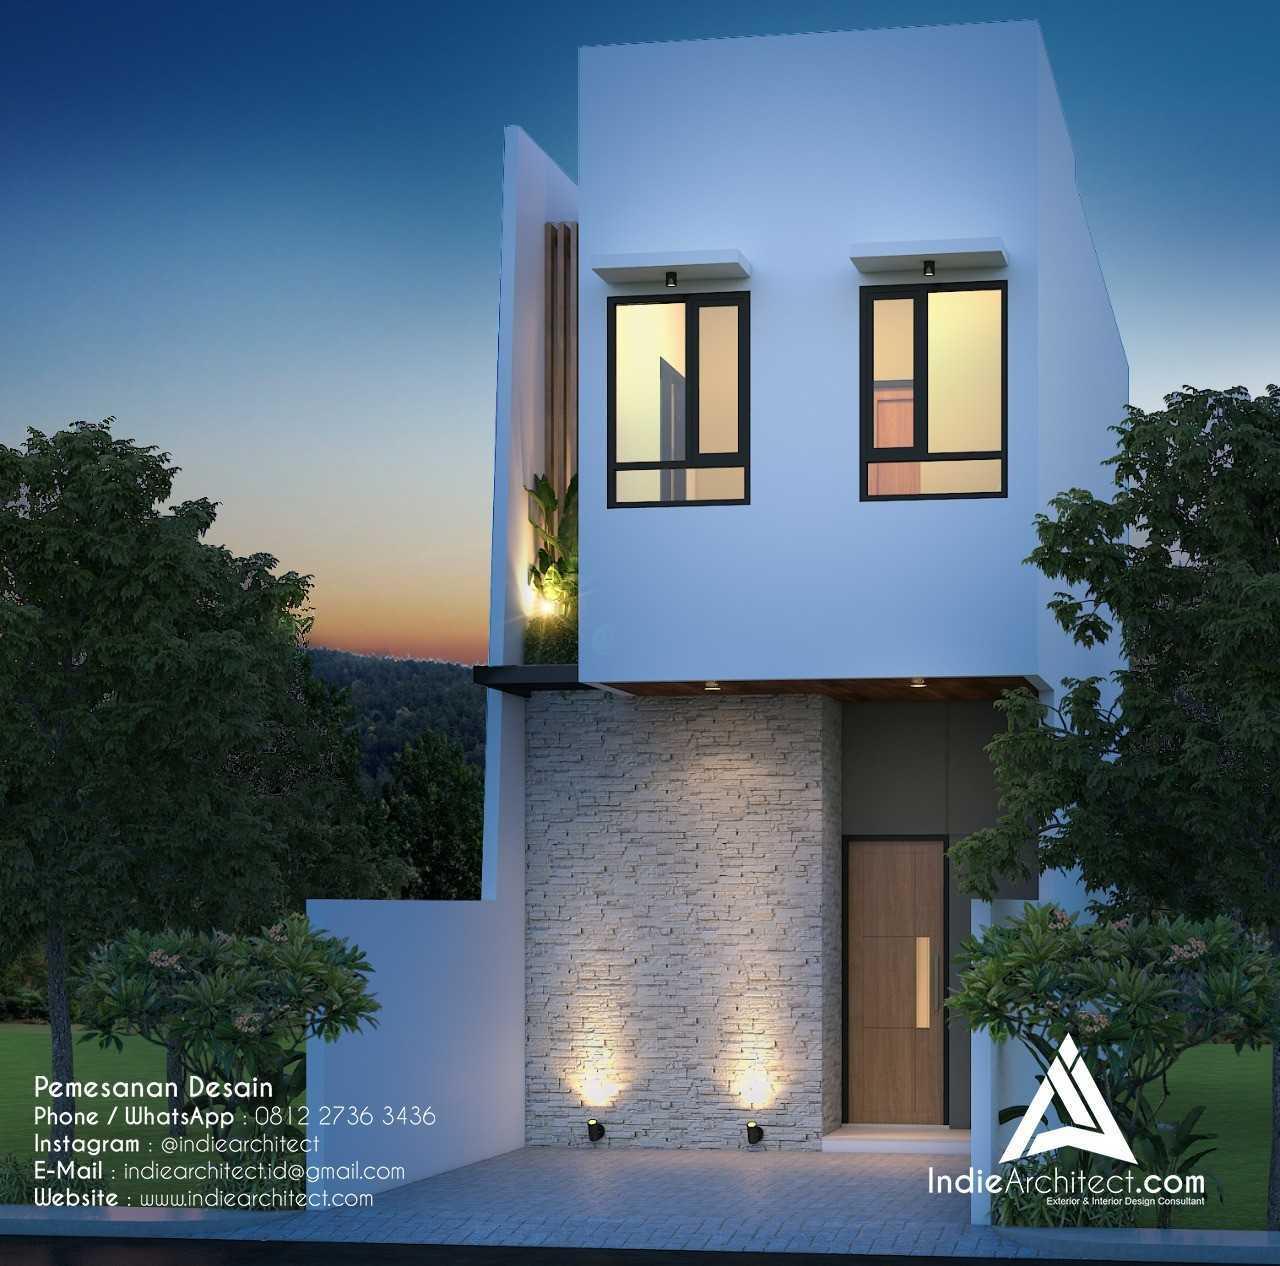 Desain Rumah Minimalis di Jakarta Pusat